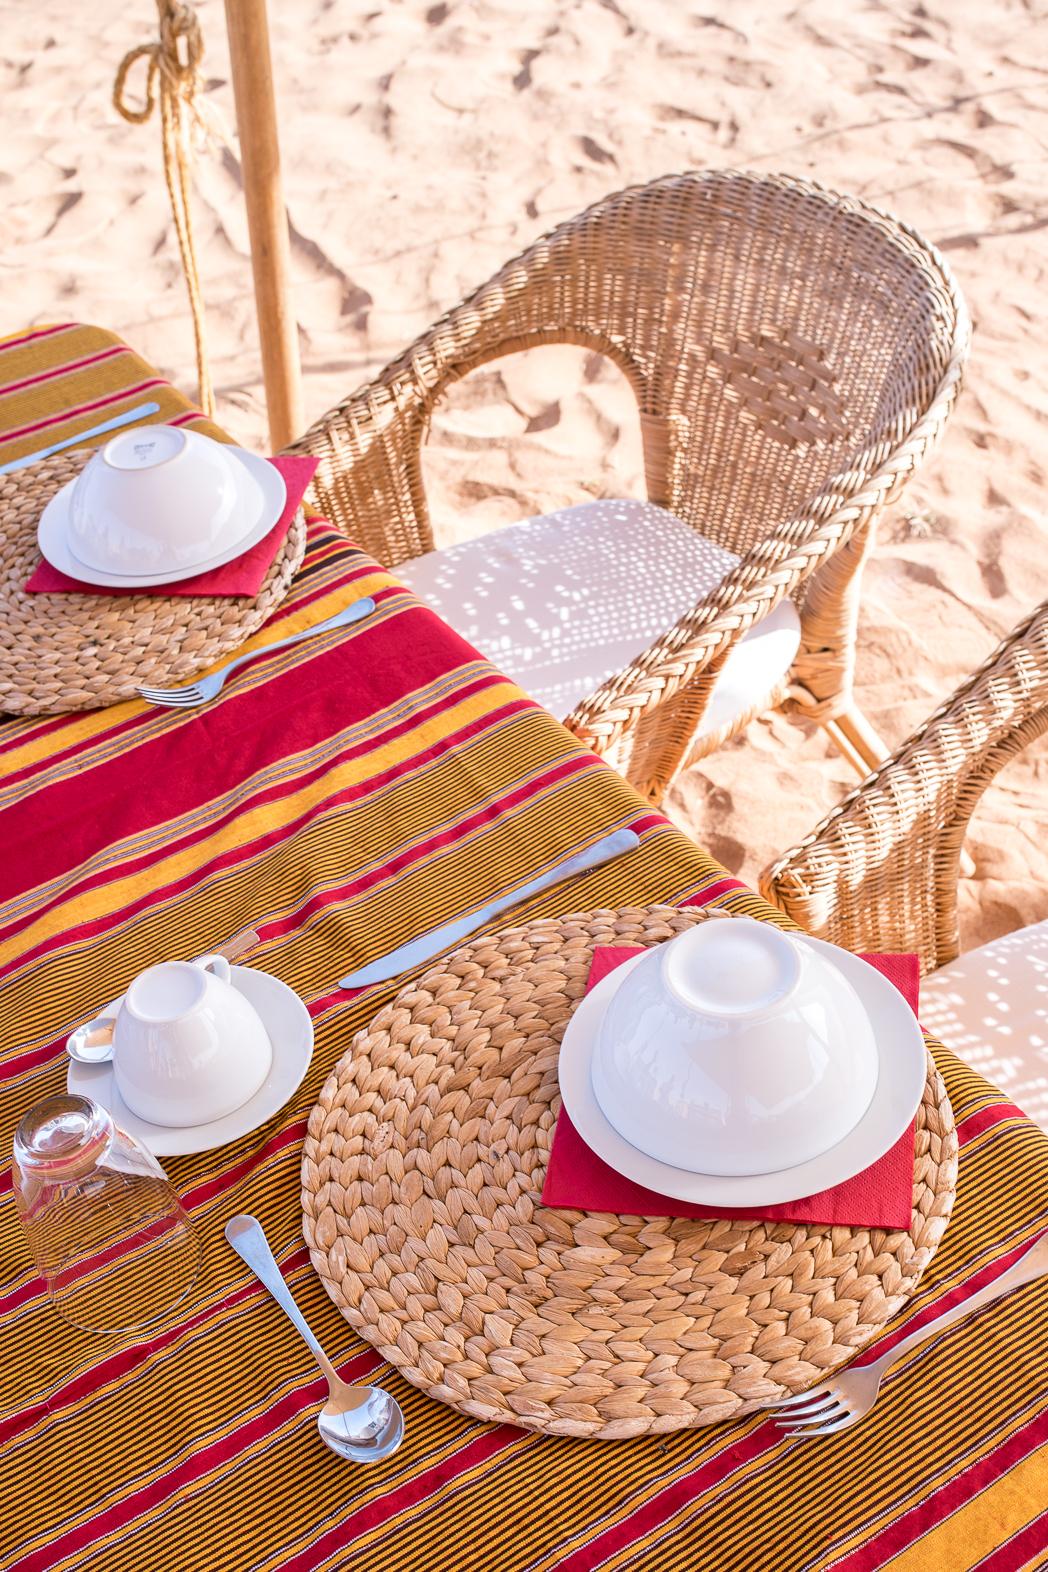 Stacie Flinner Hud Hud Travels Glamping Oman-22.jpg